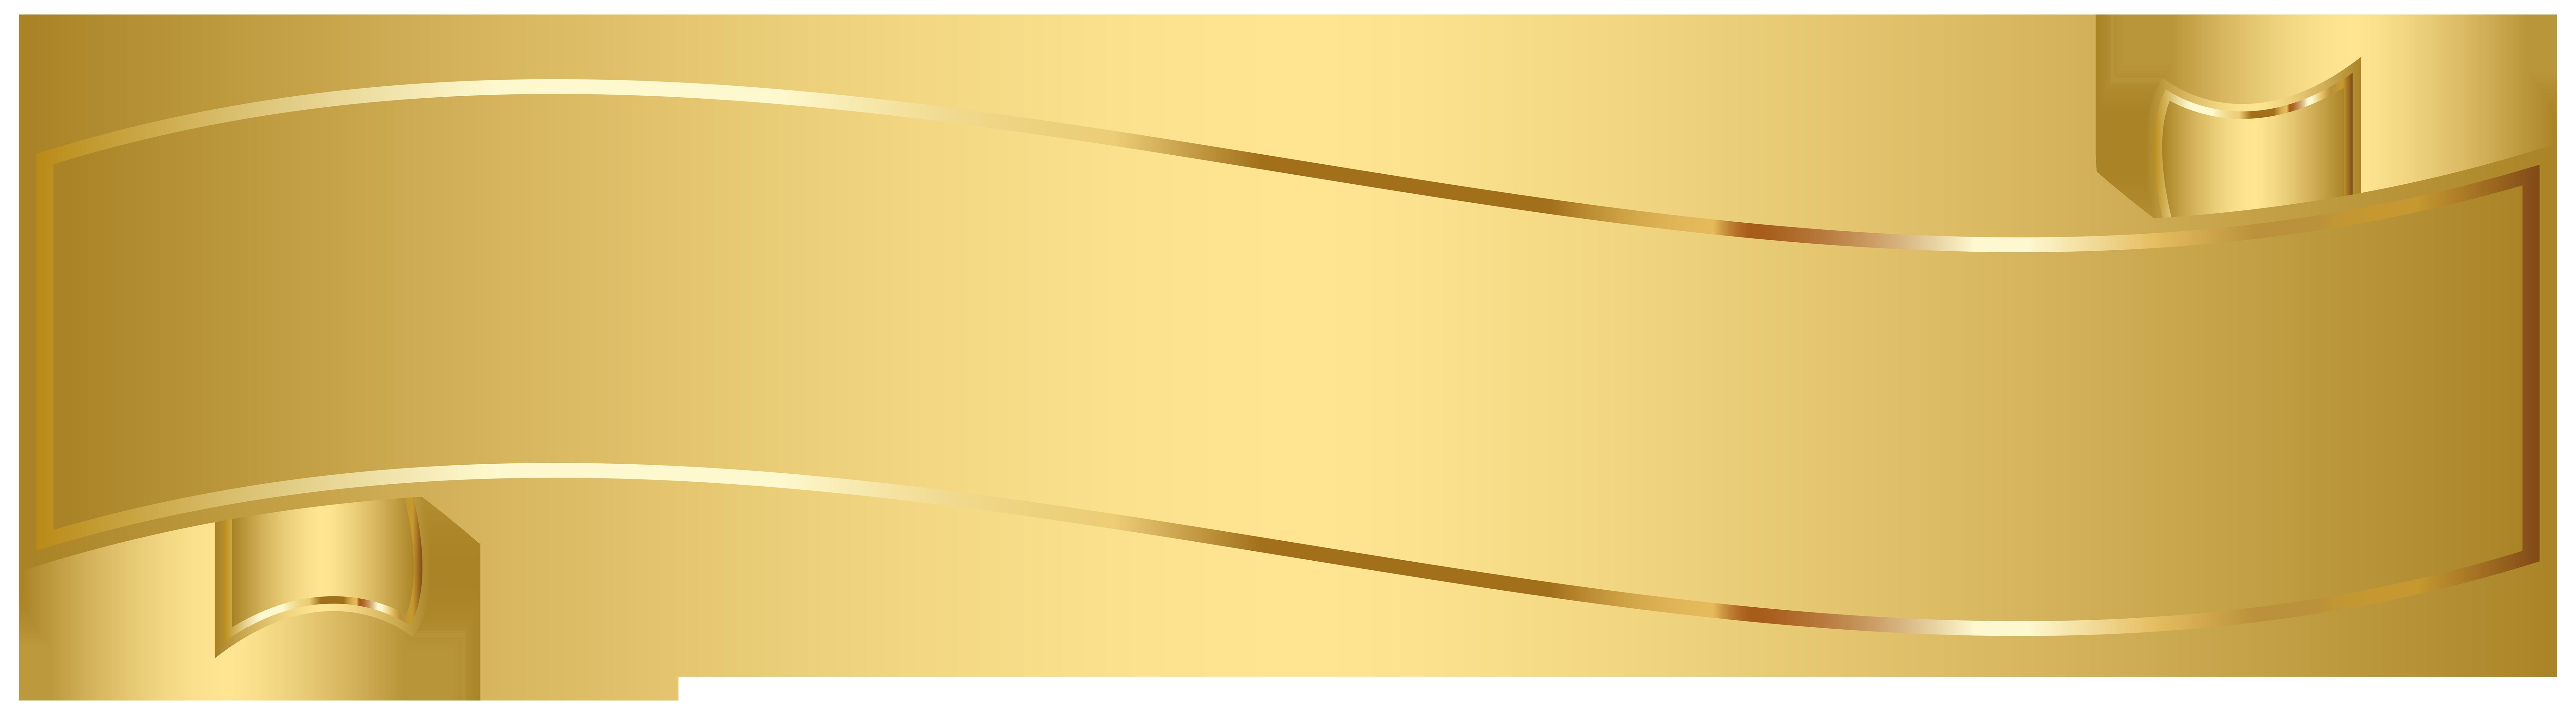 Fire clipart softball. Gold banner clip art